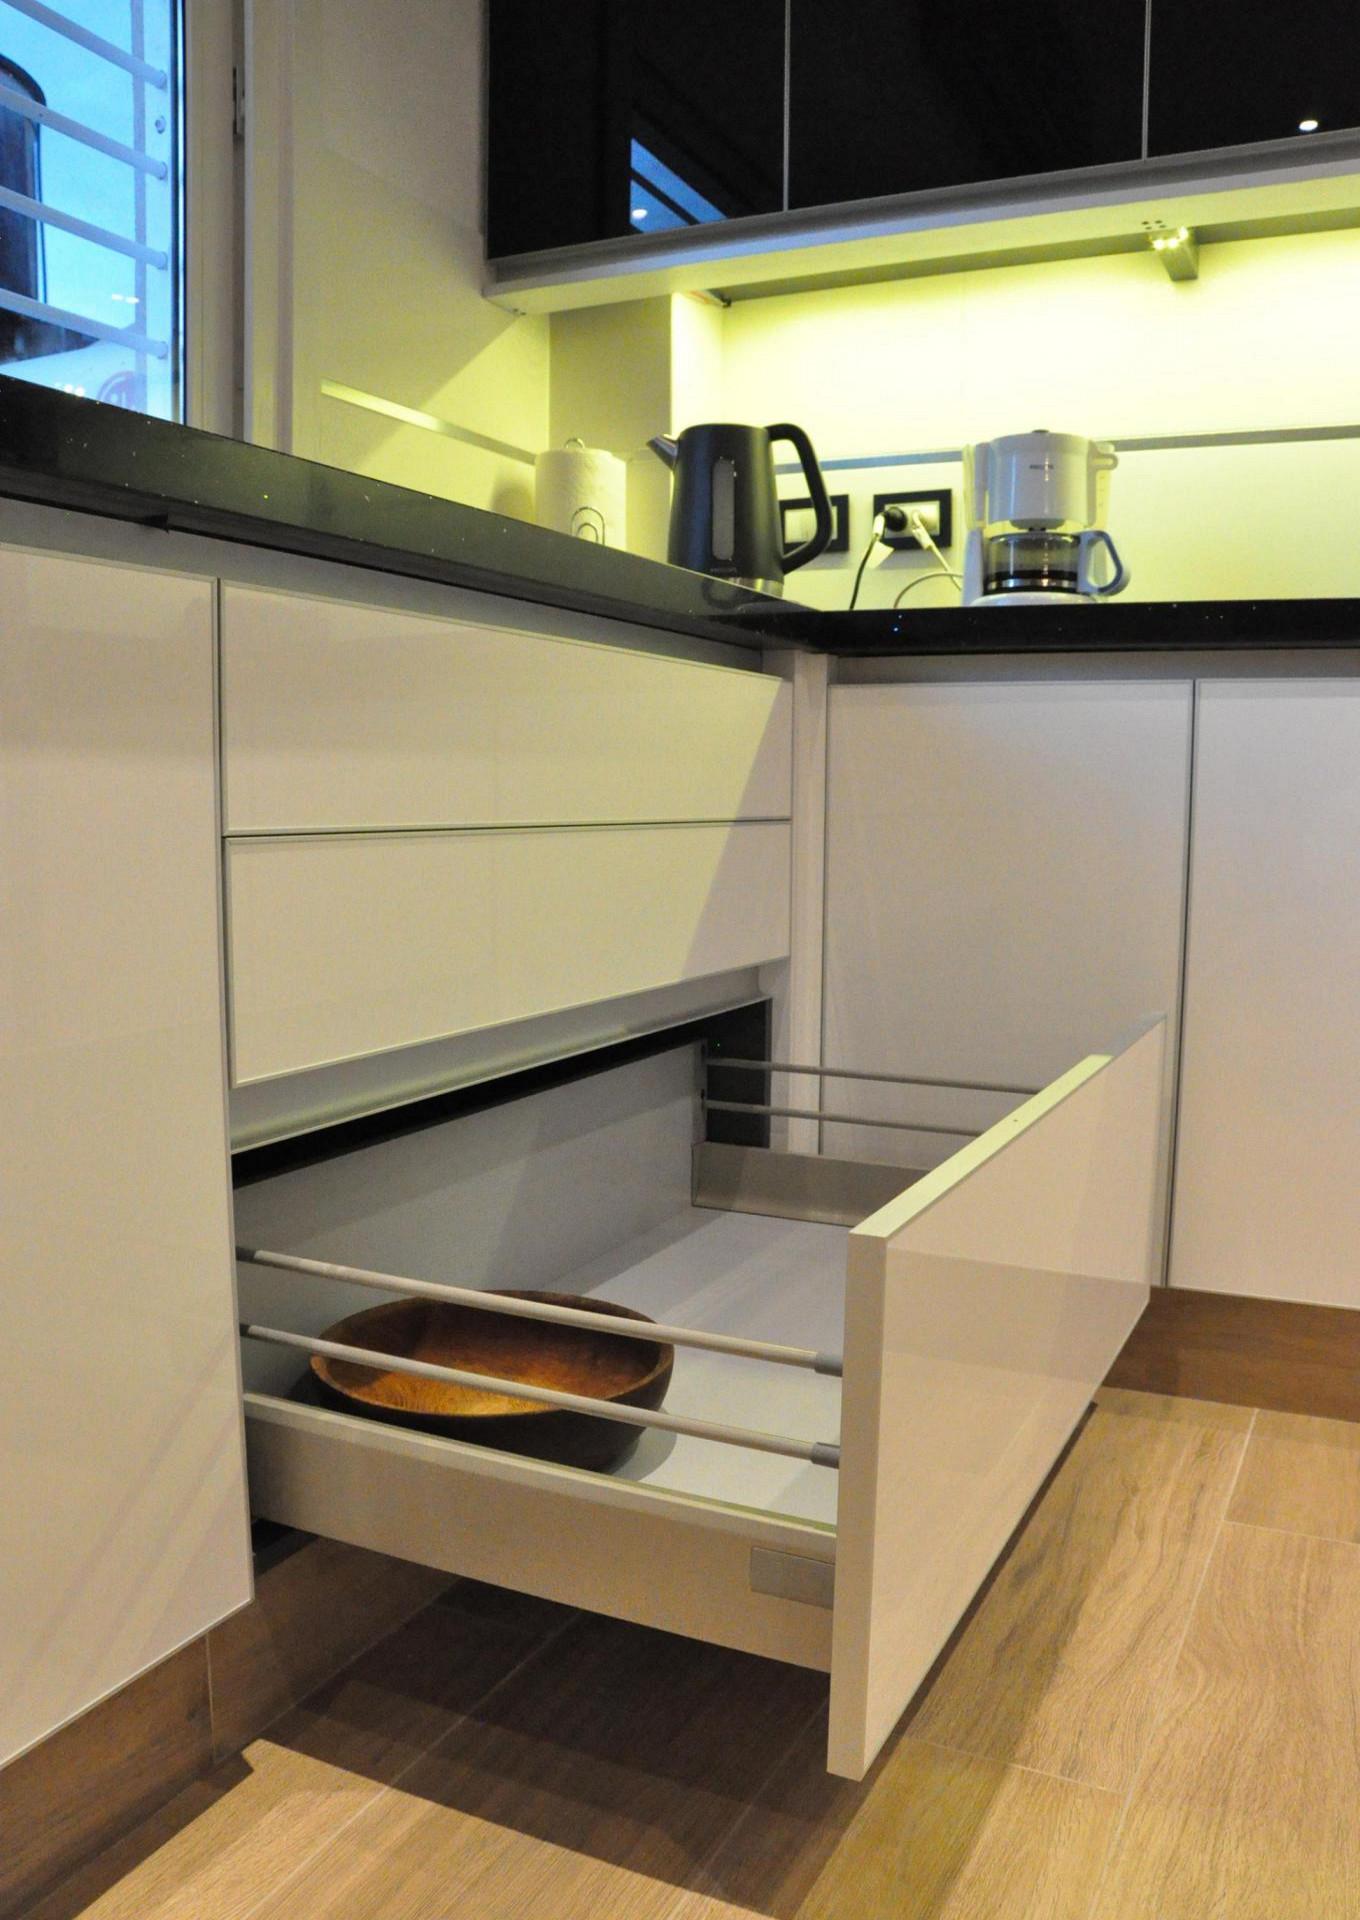 Amoblamientos de cocina bienvenido for Amoblamientos as